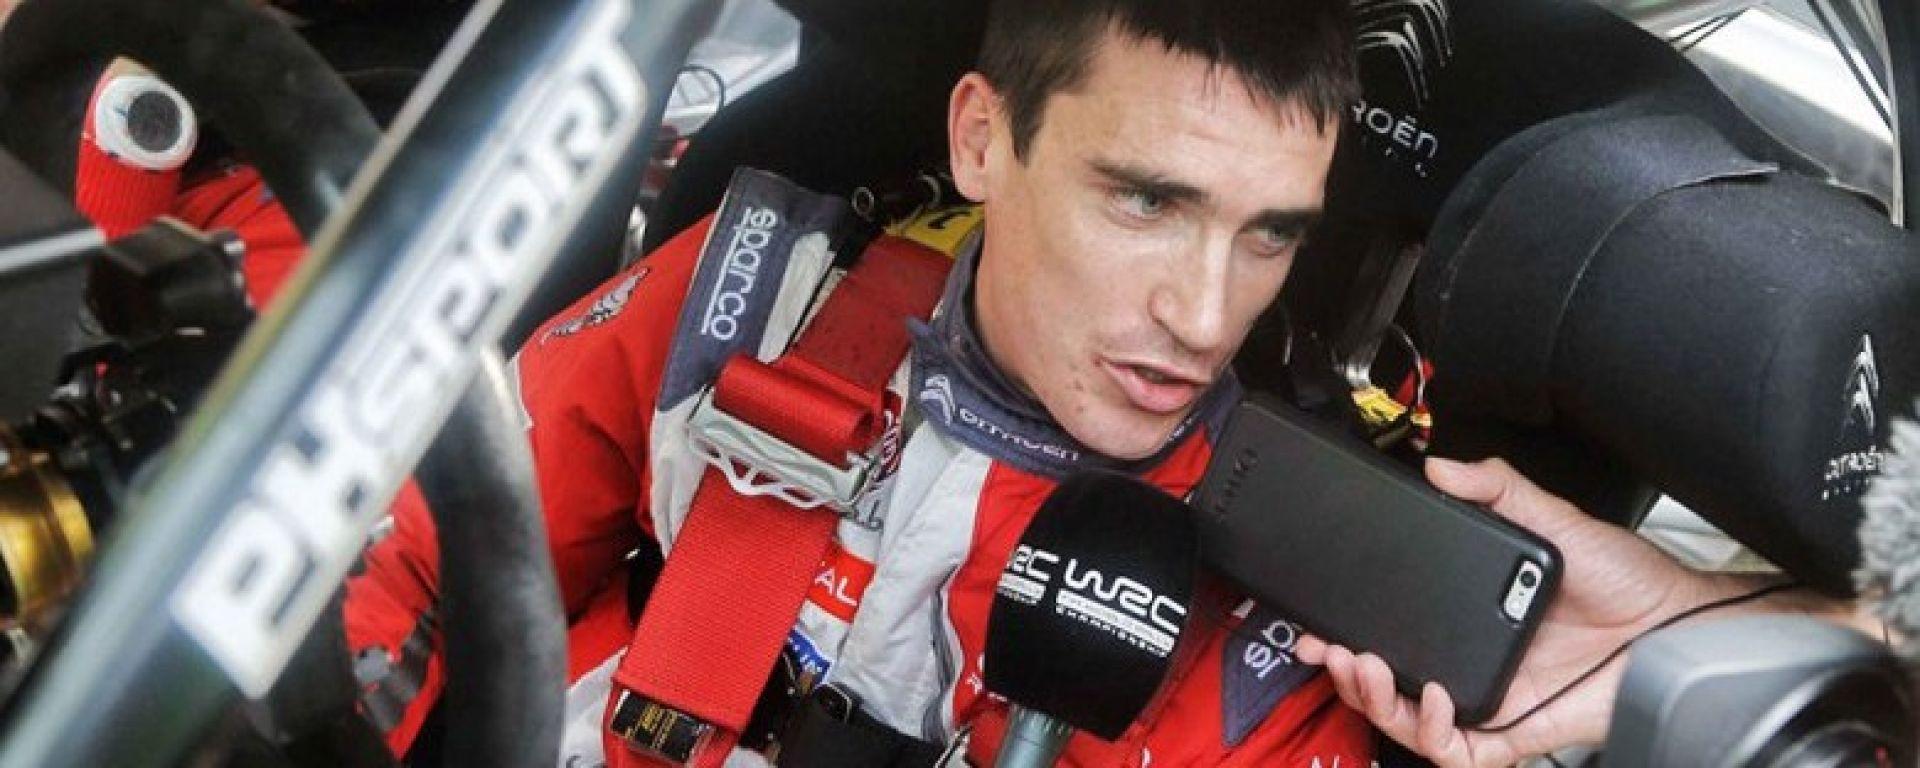 WRC 2018, Rally di Finlandia: le dichiarazioni pre-gara di Citroen Racing